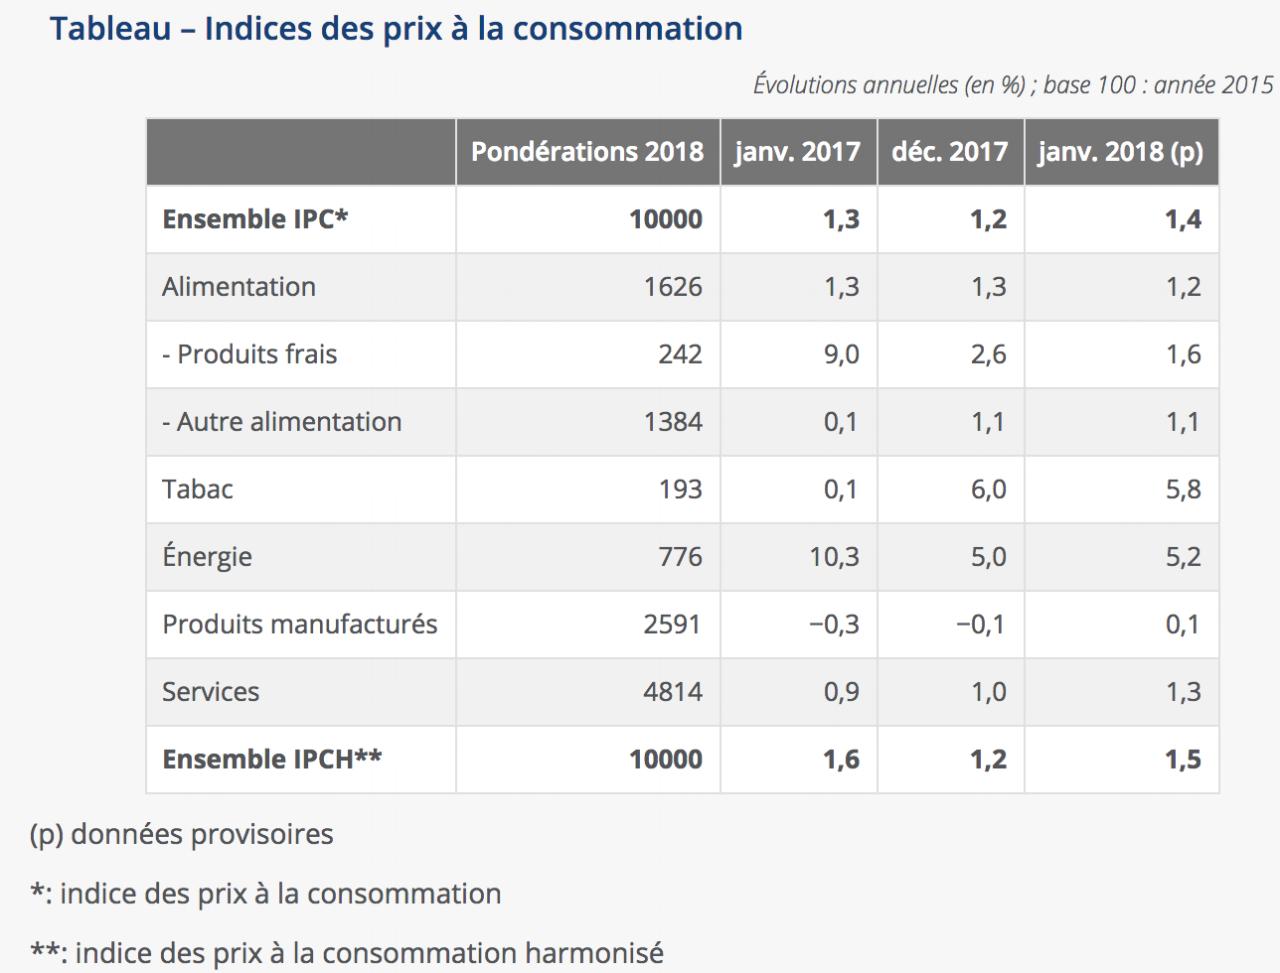 Tableau des indices des prix à la consommation